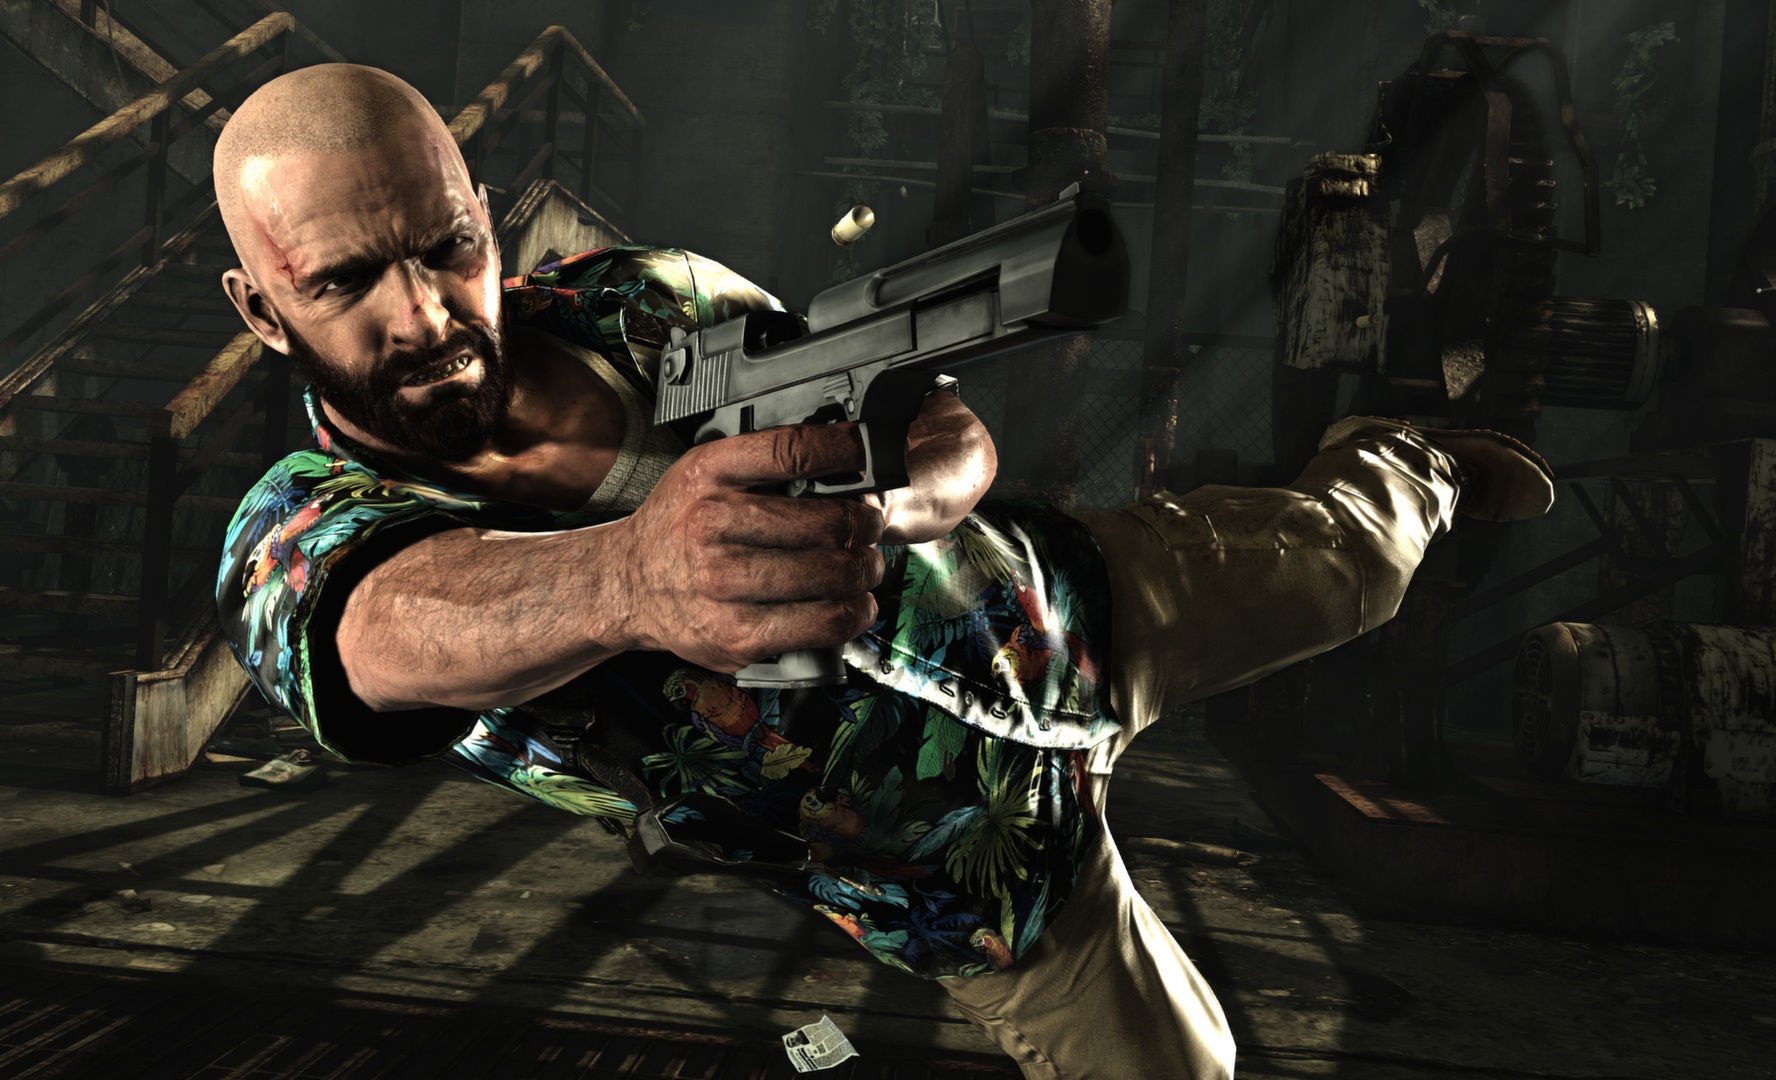 PS3 और Xbox 360 . के लिए GTA ऑनलाइन और सेवाएं जल्द ही बंद कर दी जाएंगी